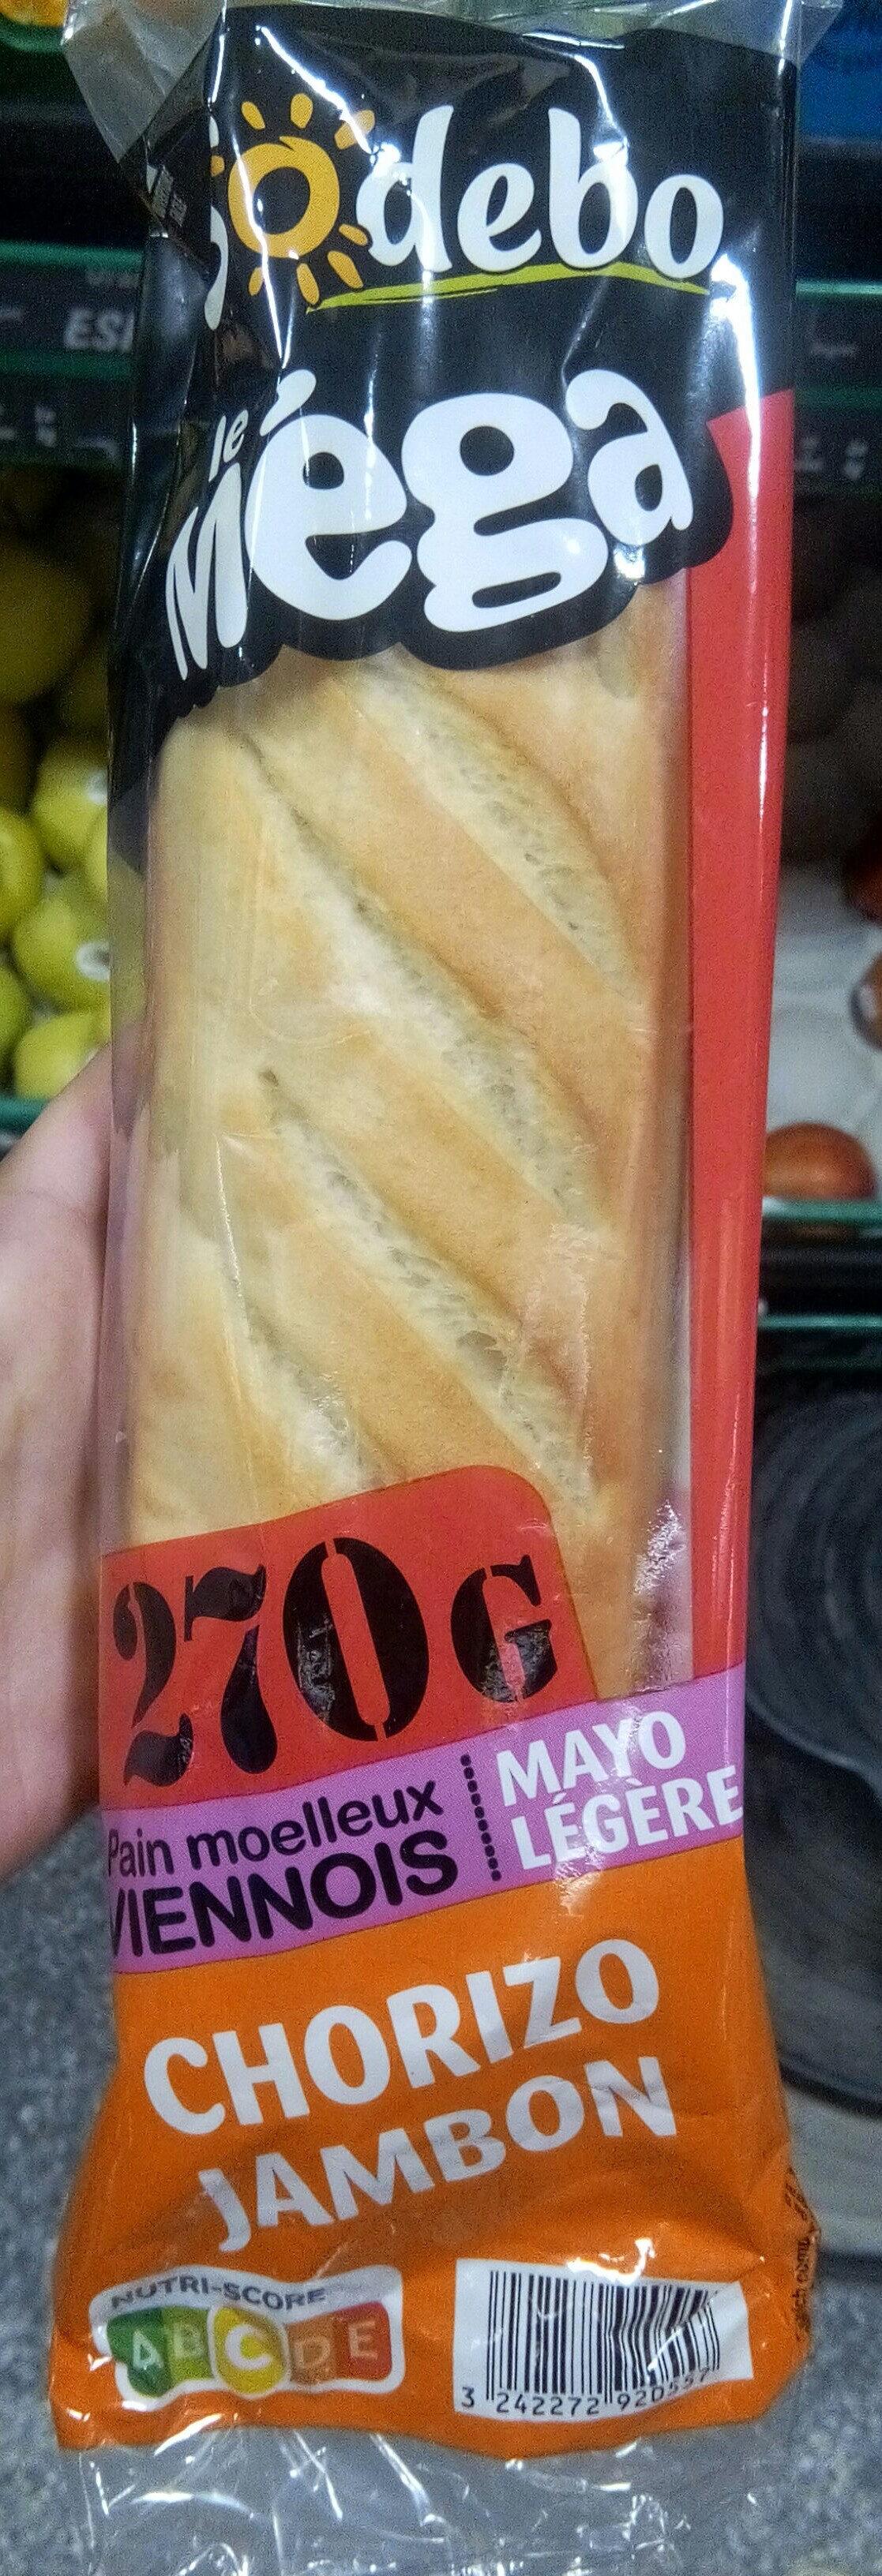 Sandwich Le Méga - Baguette - Jambon Chorizo Mayo légère - Product - fr